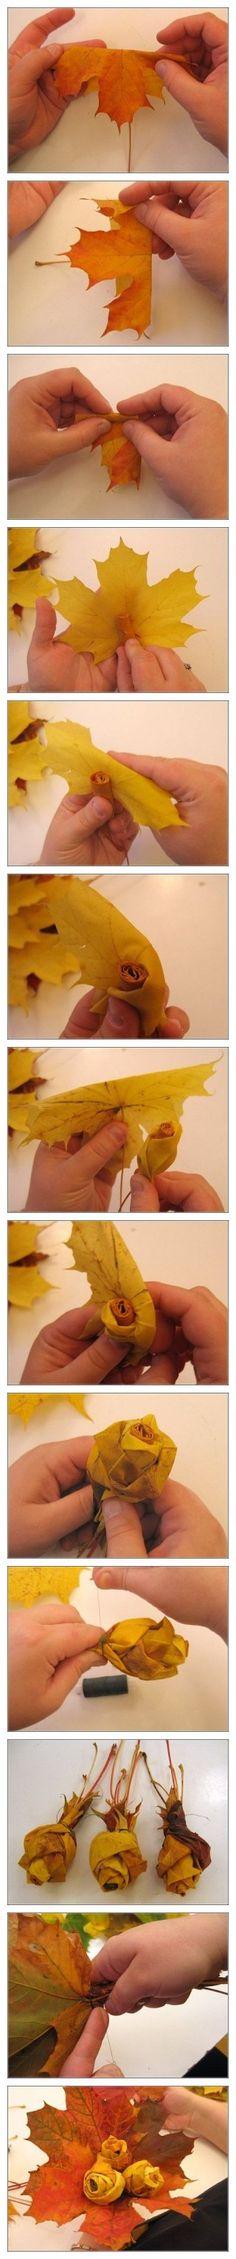 待到秋天的梧桐落叶季,扎一束金色的玫瑰